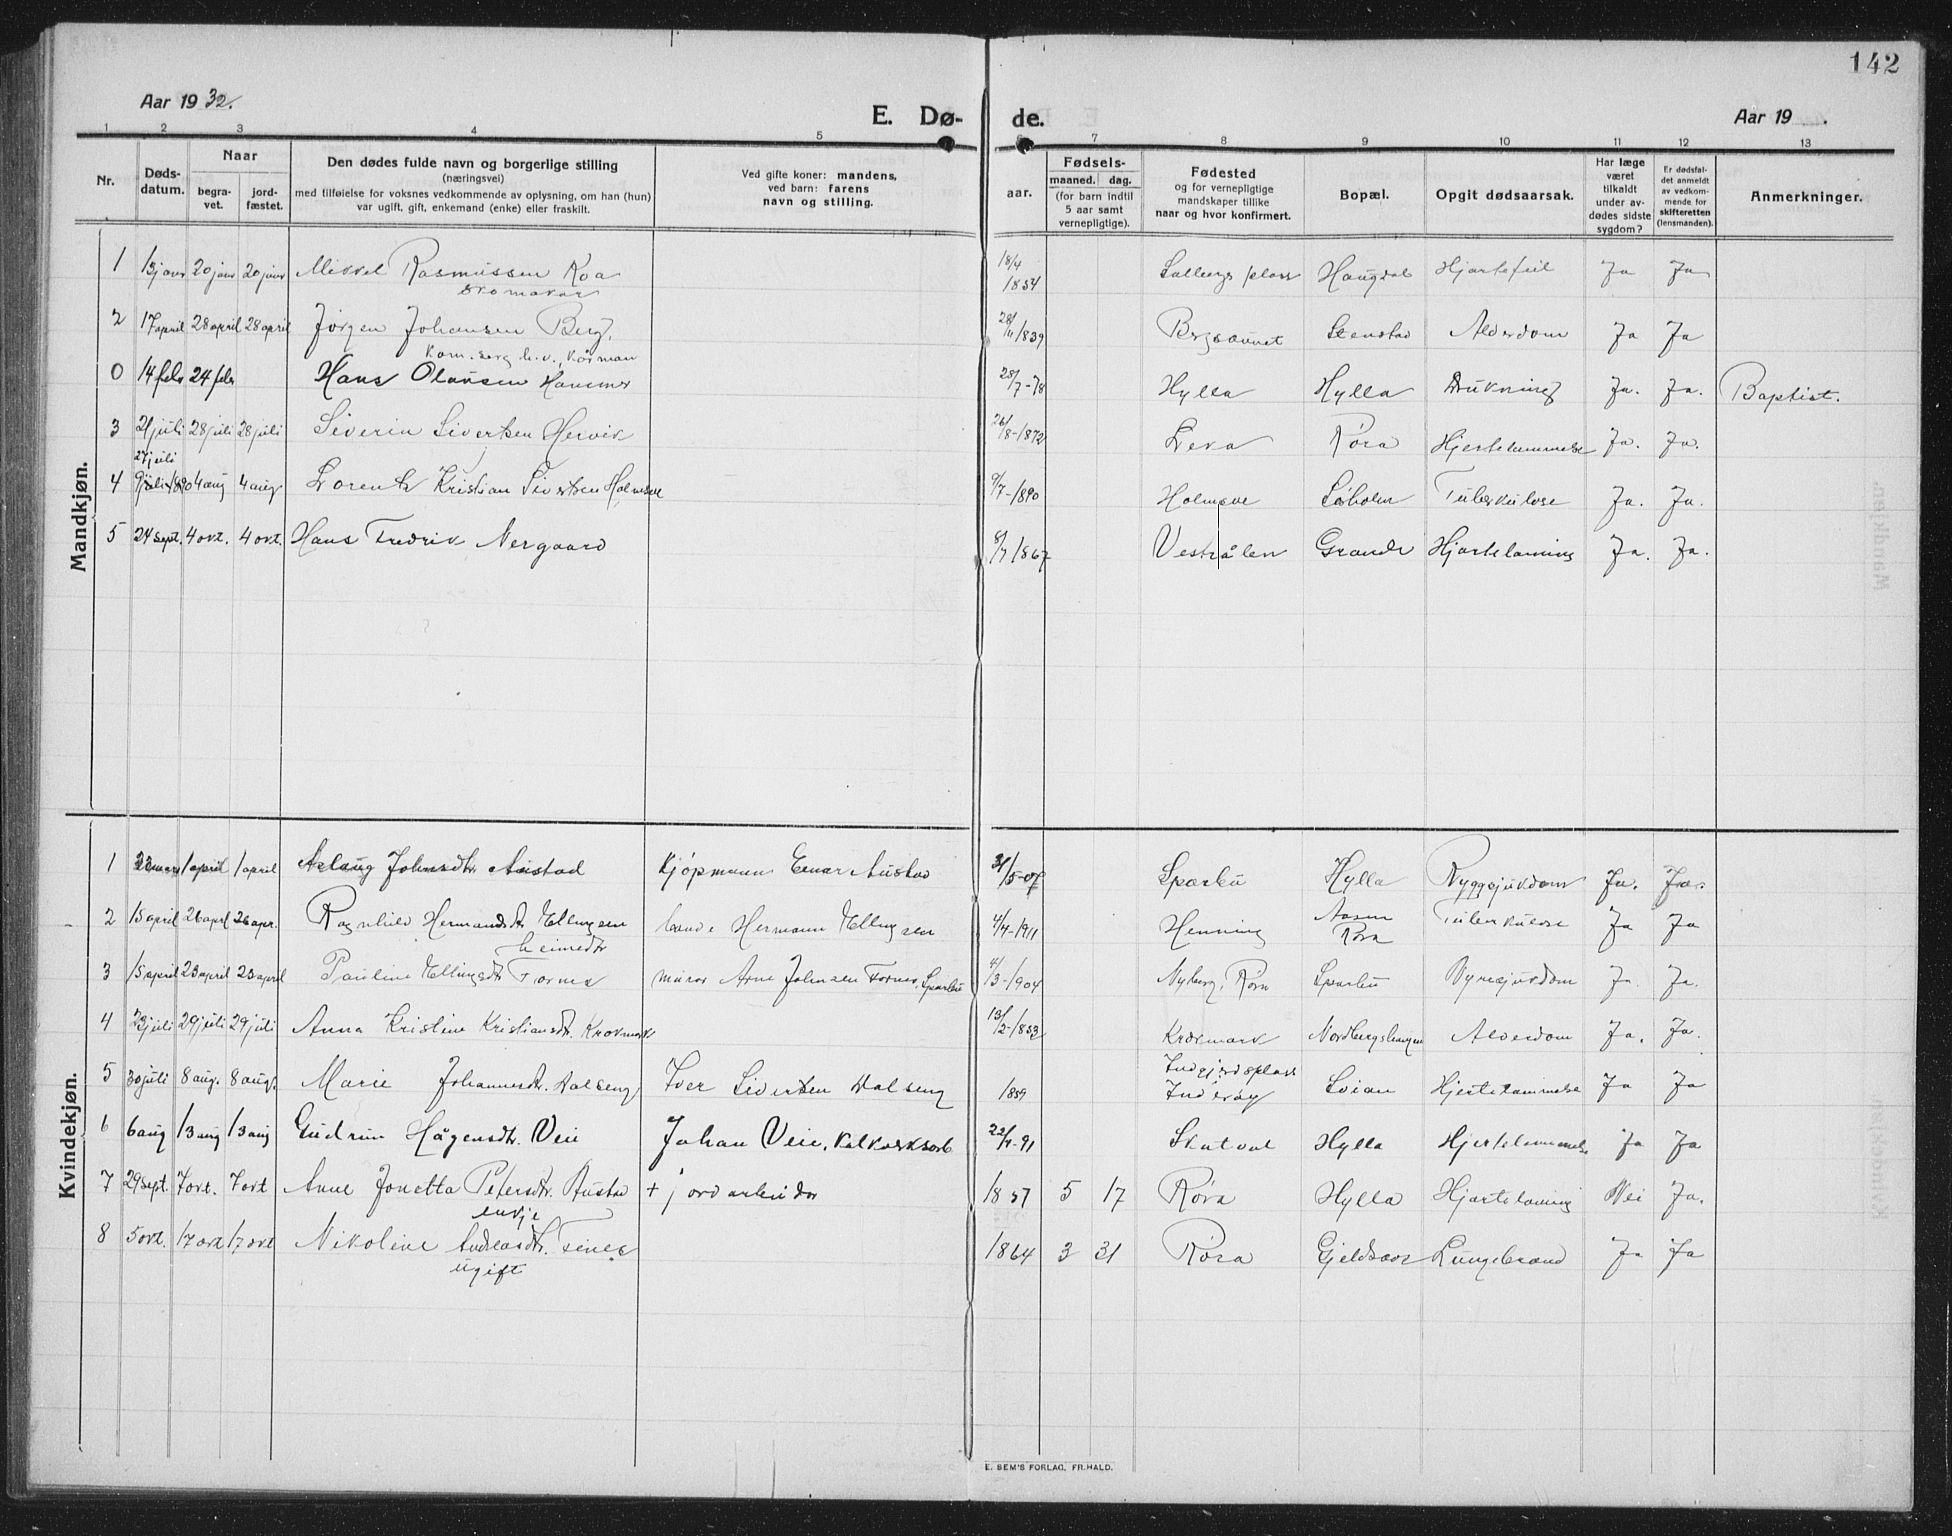 SAT, Ministerialprotokoller, klokkerbøker og fødselsregistre - Nord-Trøndelag, 731/L0312: Klokkerbok nr. 731C03, 1911-1935, s. 142